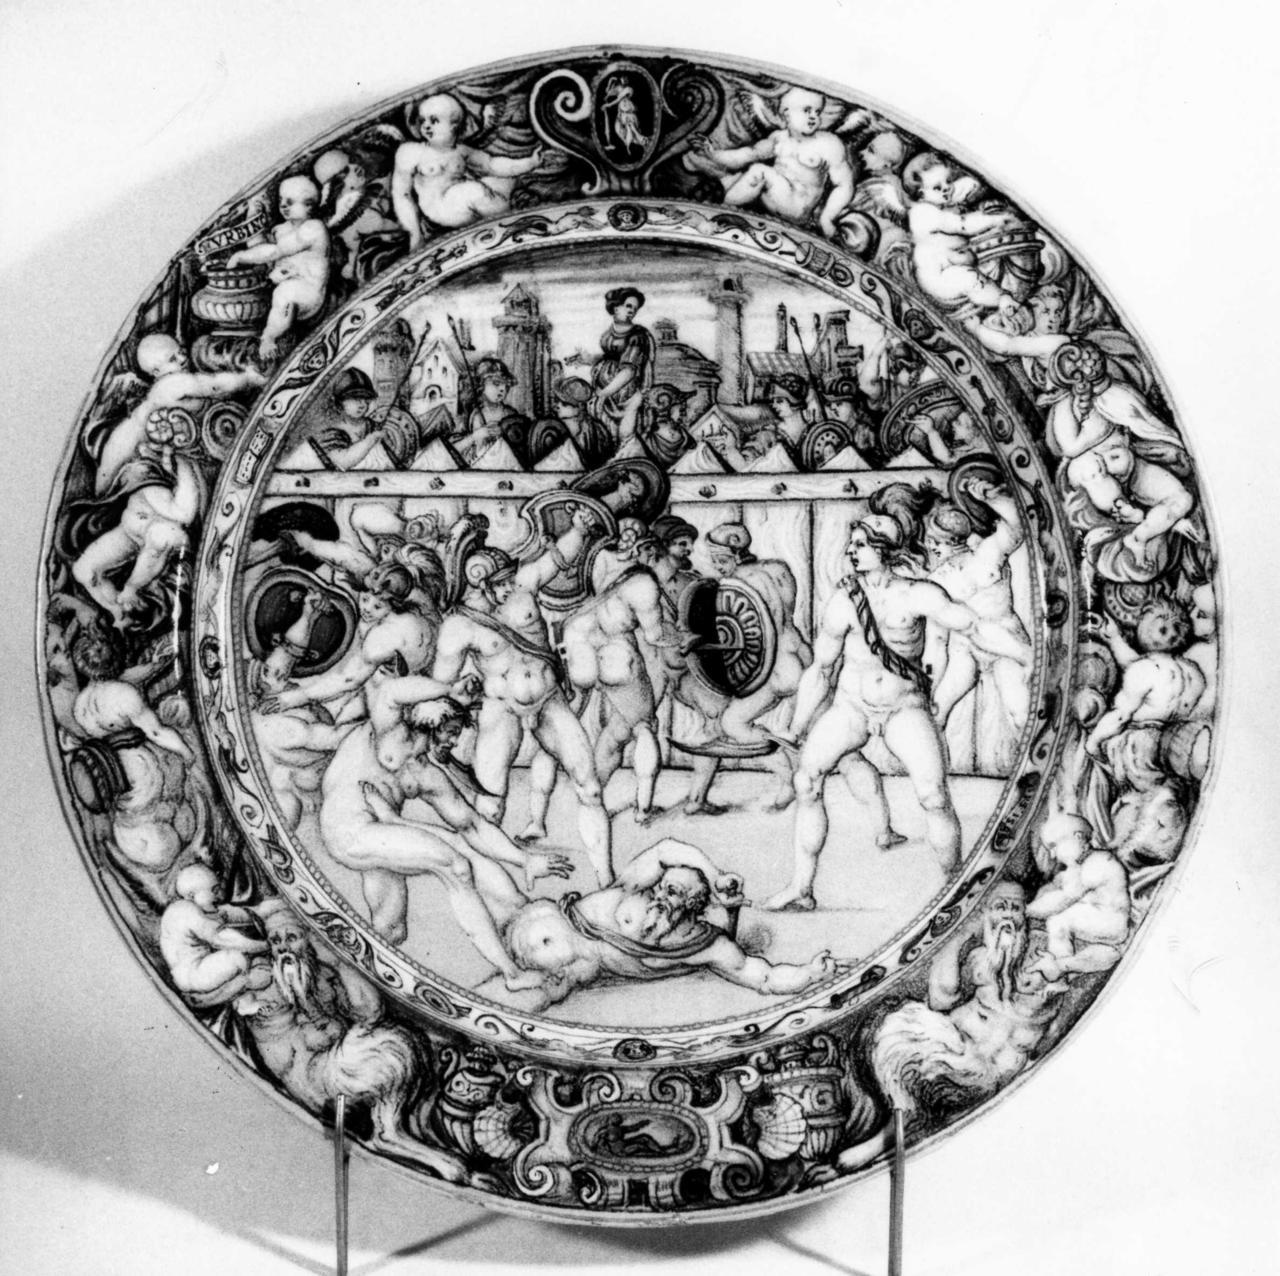 combattimento tra gladiatori (piatto) di Fontana Orazio (bottega) - manifattura urbinate (metà sec. XVI)